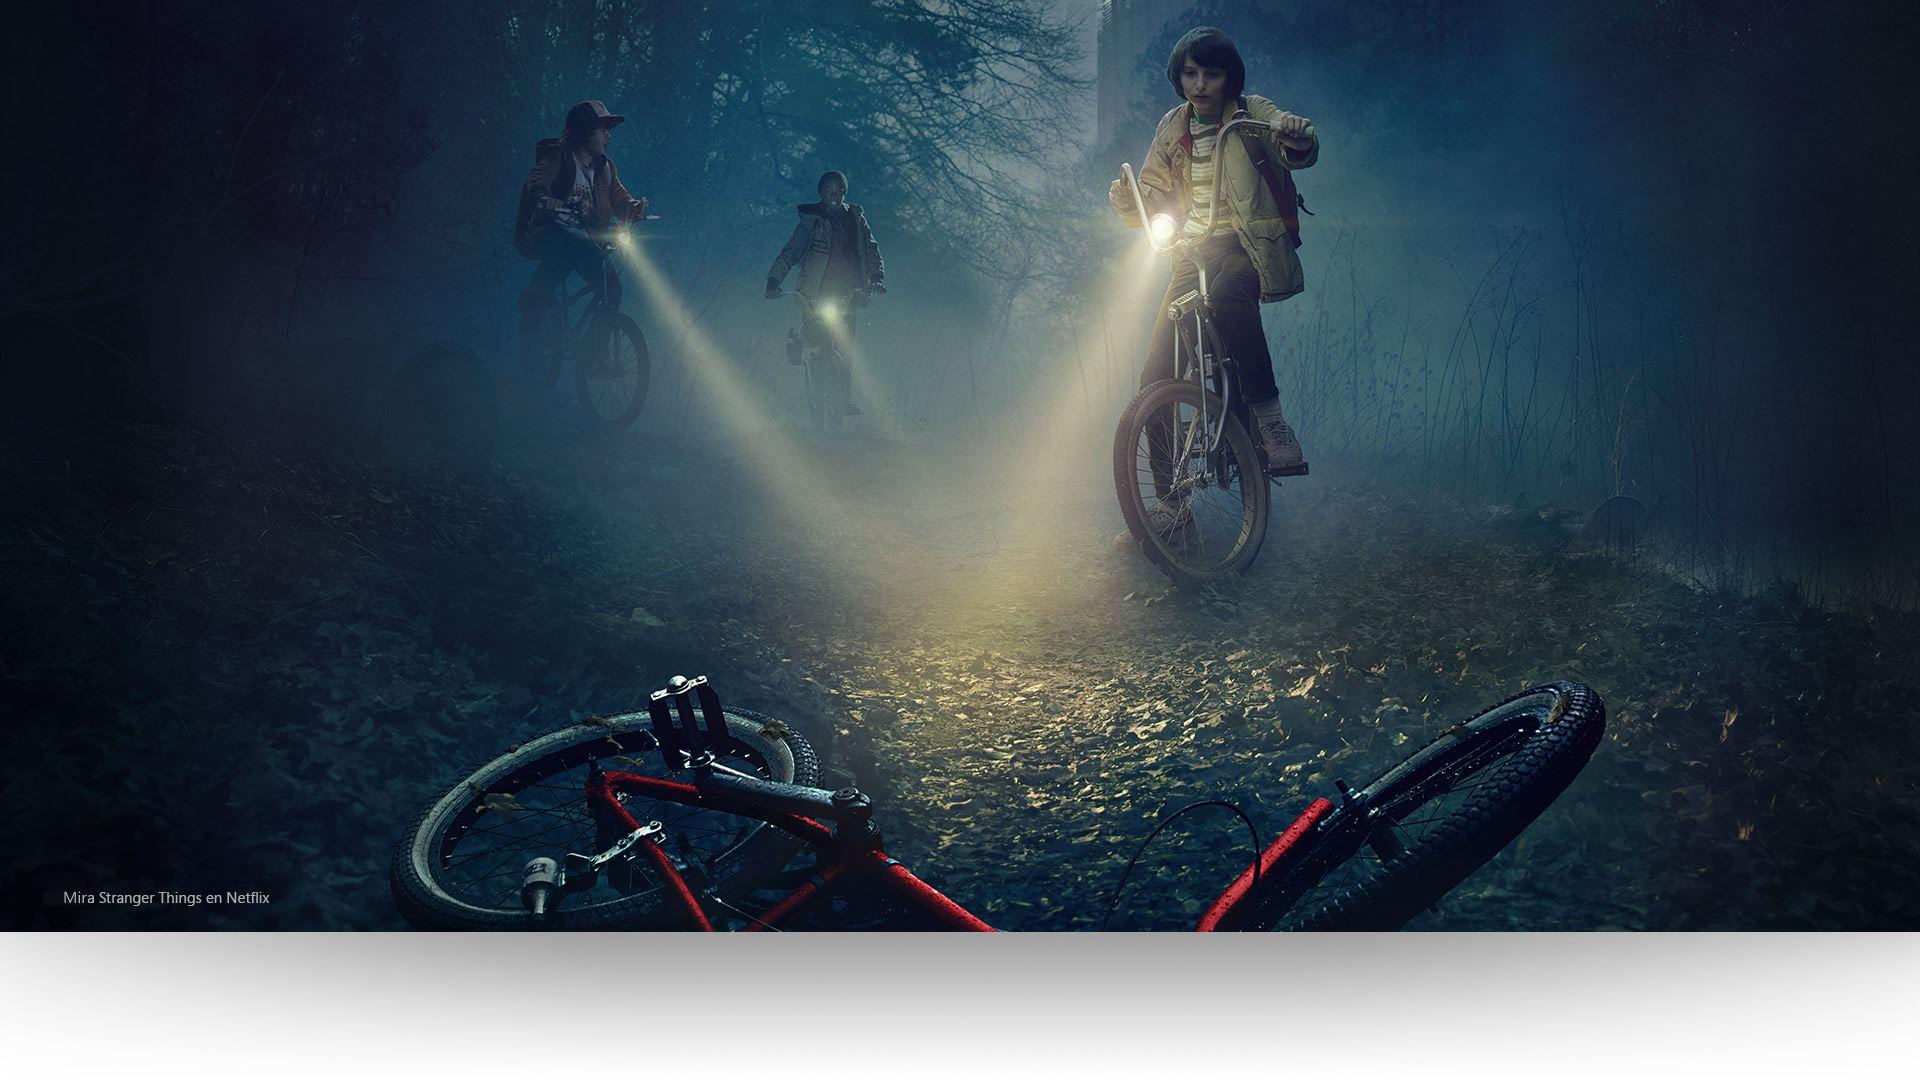 Los niños de Stranger Things descubren una bicicleta en el bosque